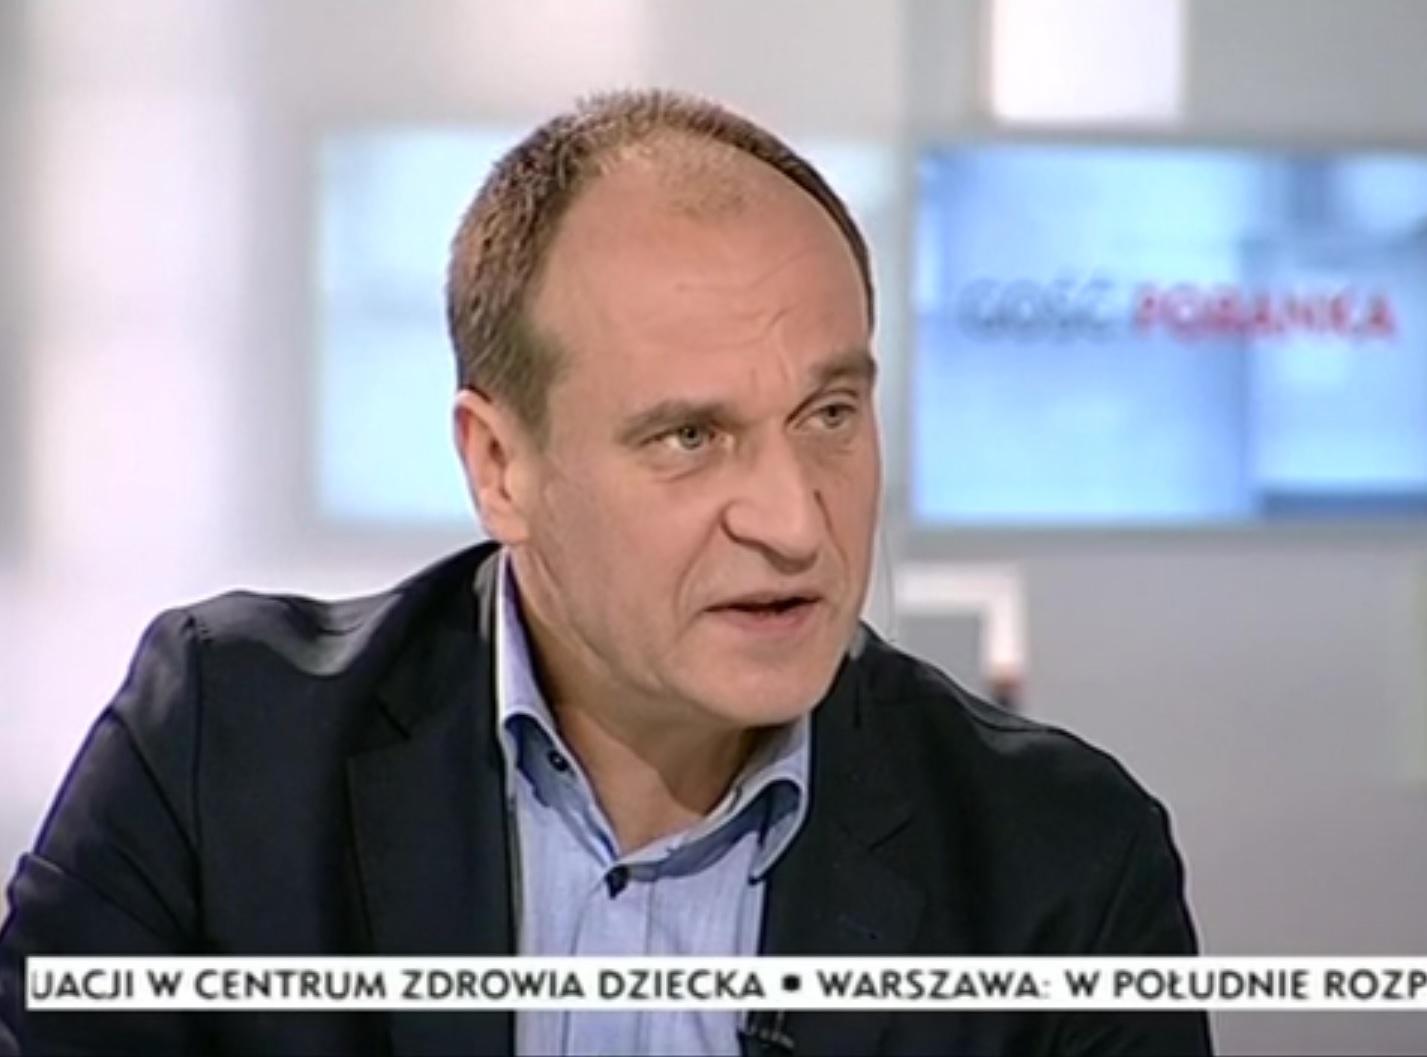 Paweł Kukiz uderza w obie strony sporu. I wcale nie chodzi o polityków